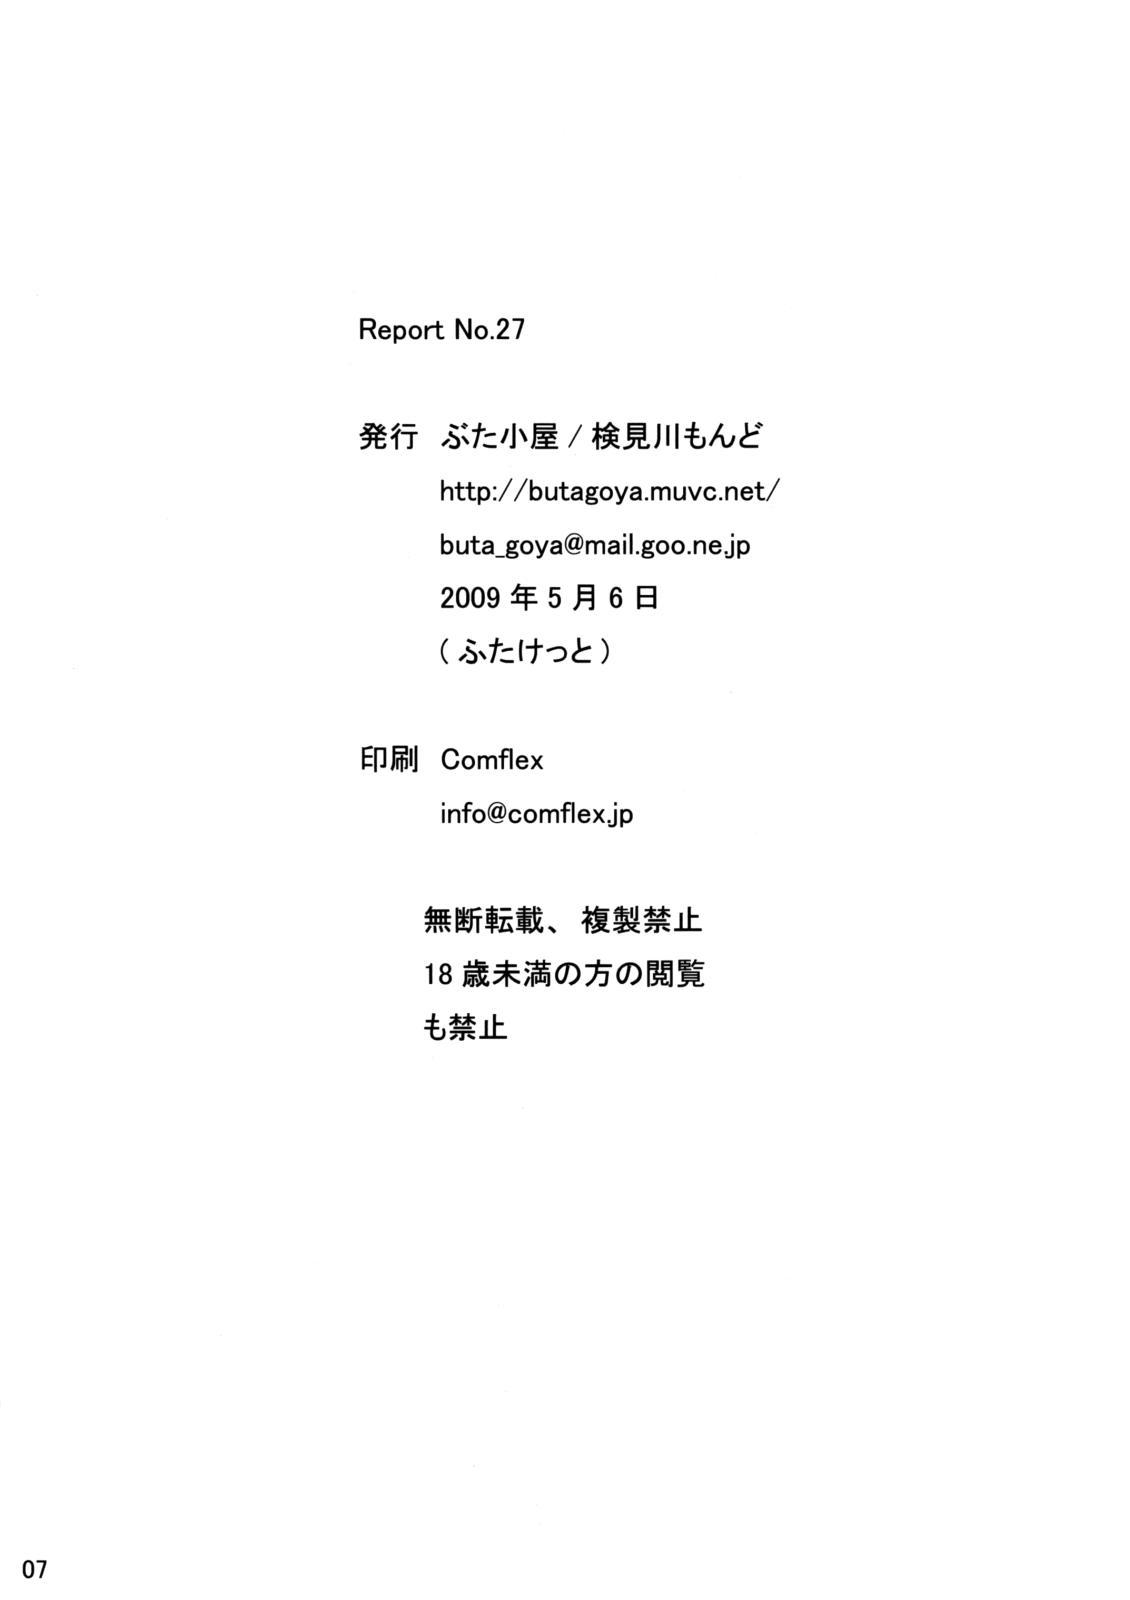 Report No.27 6